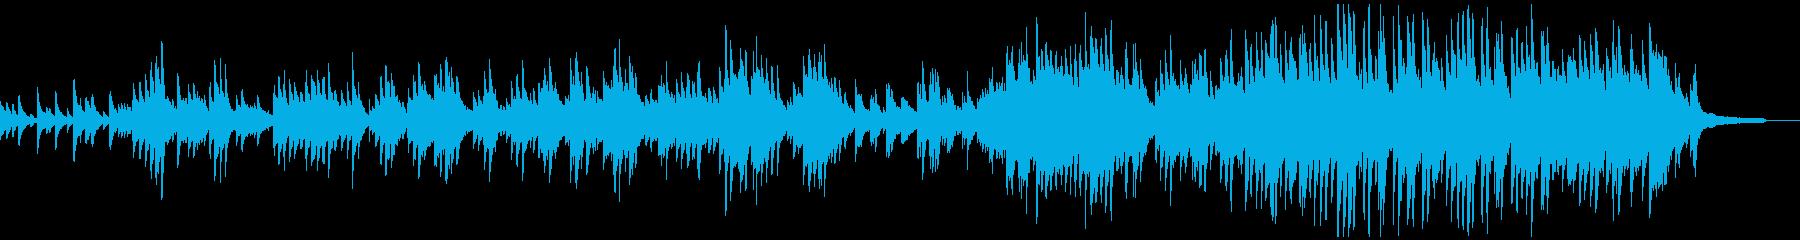 物悲しい物語向けのピアノソロの再生済みの波形